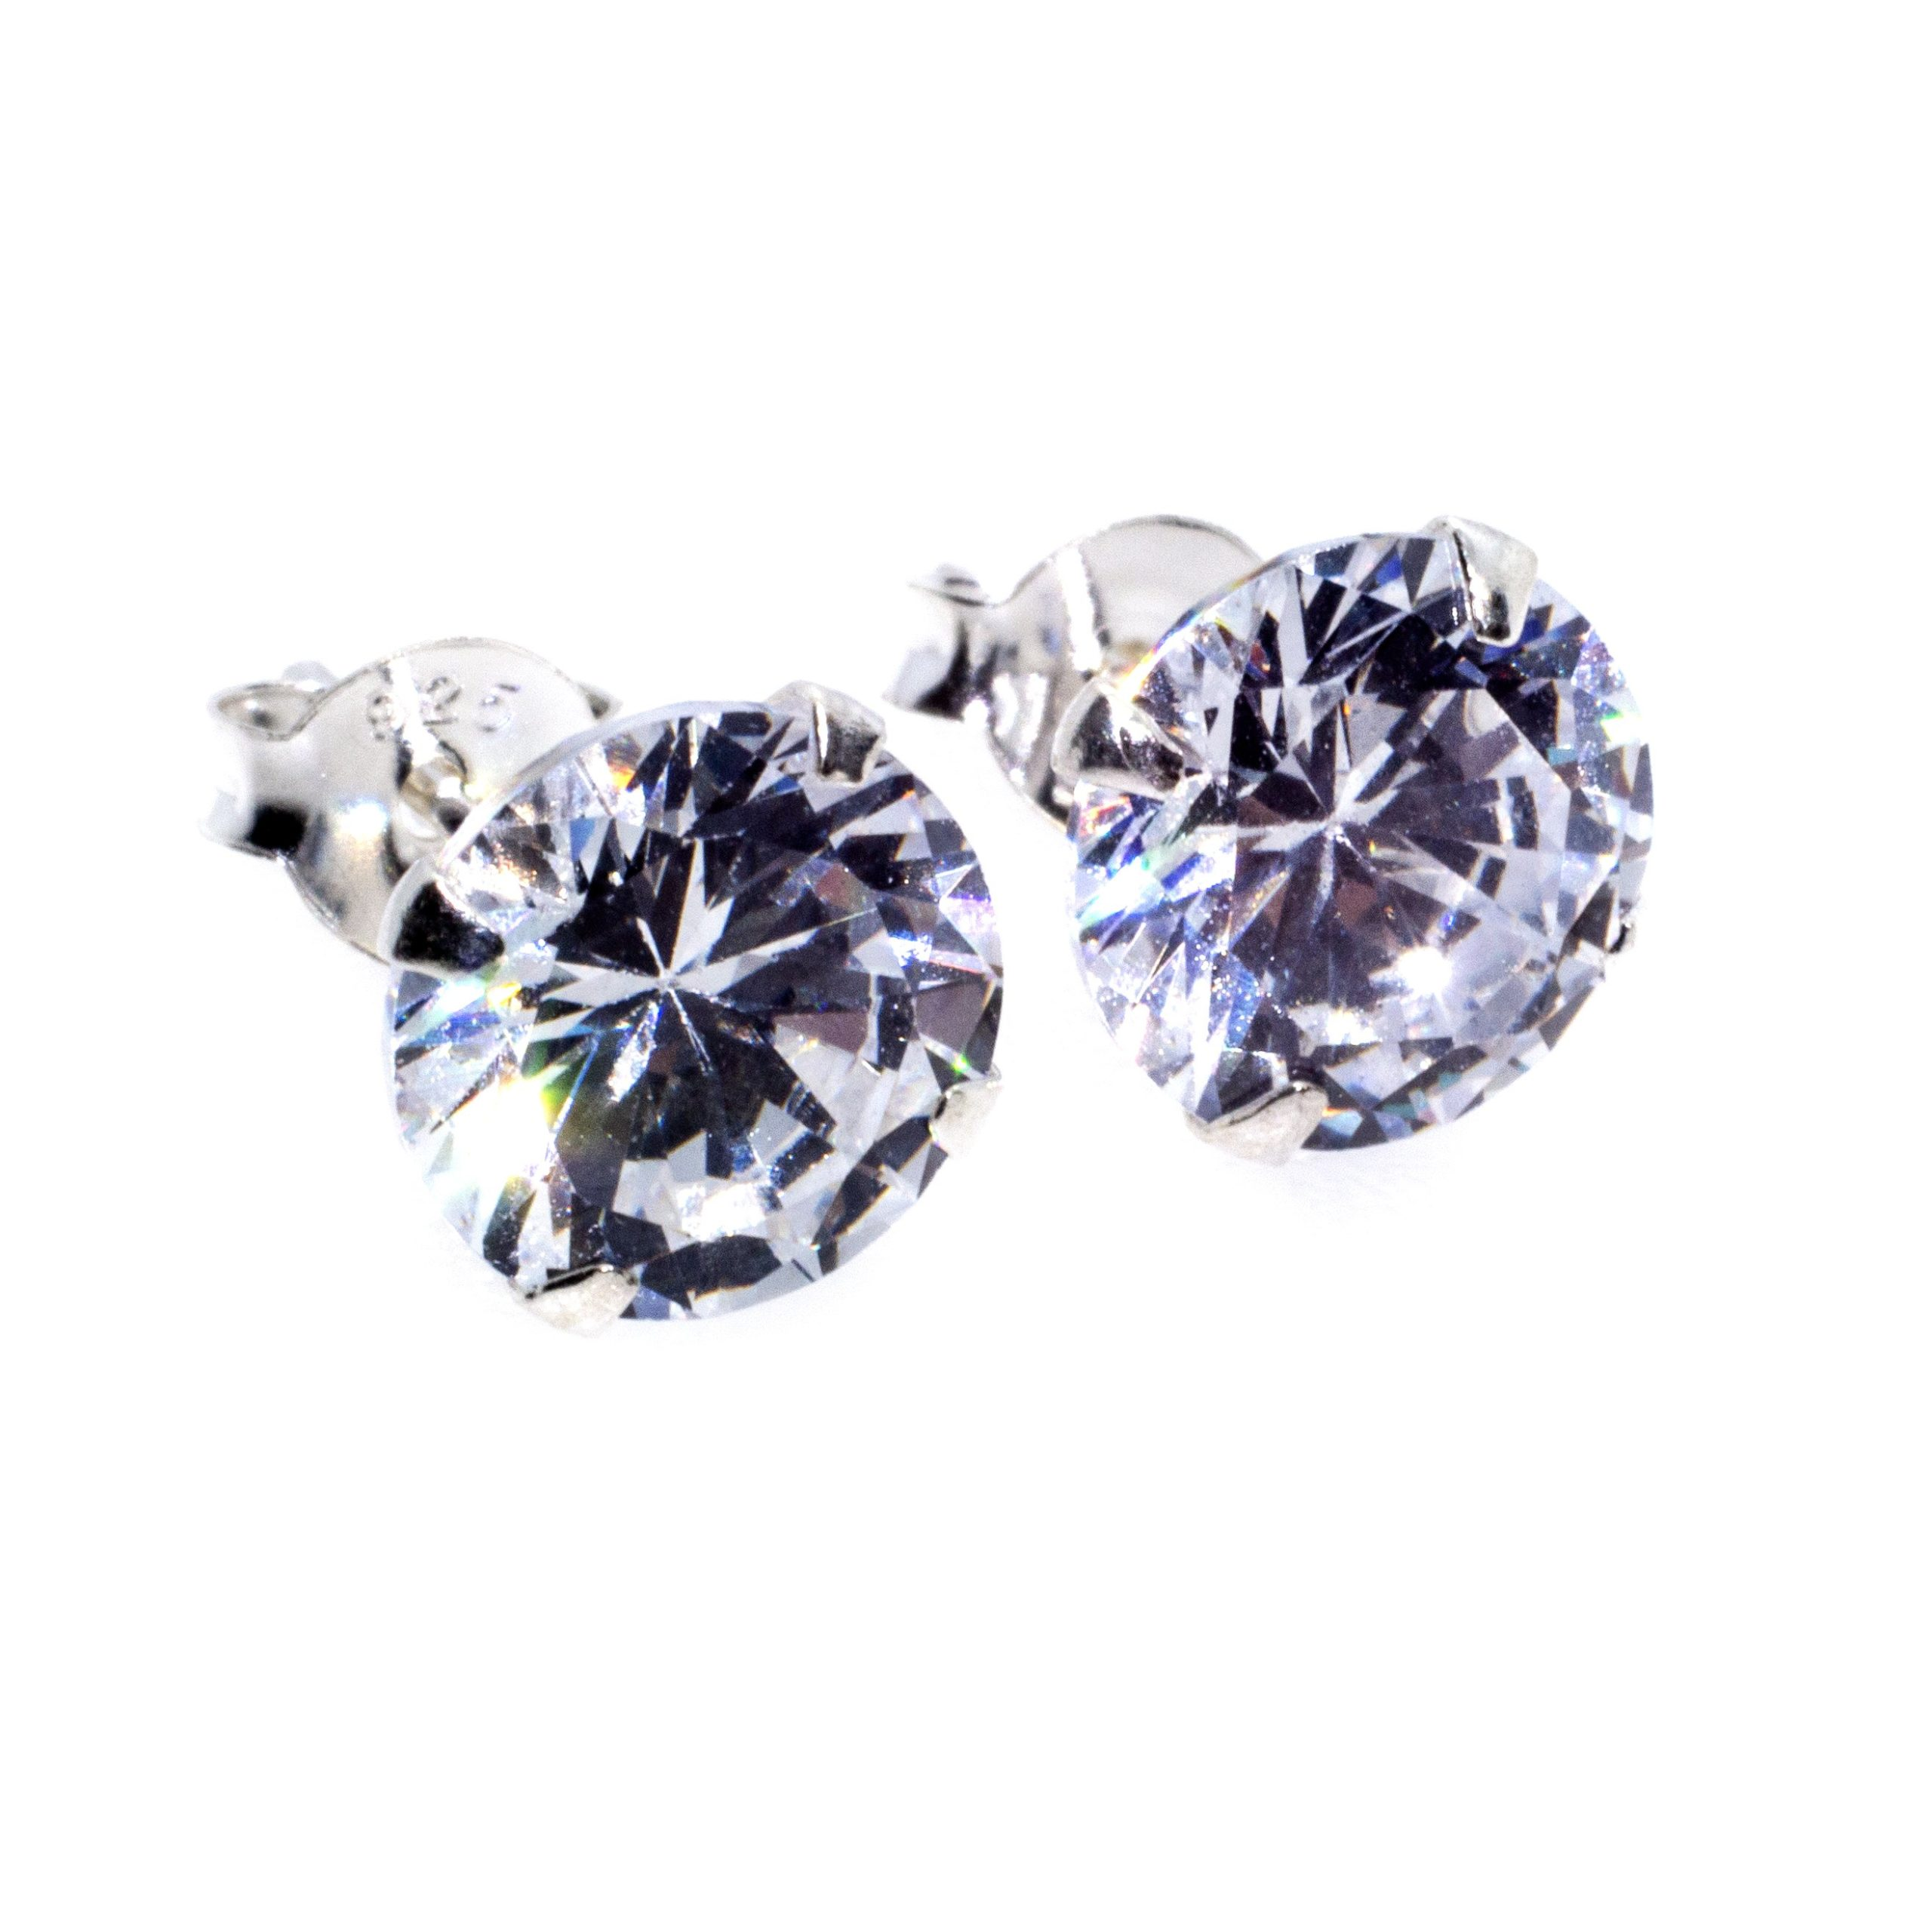 8mm CZ stud earrings sterling silver alt 3